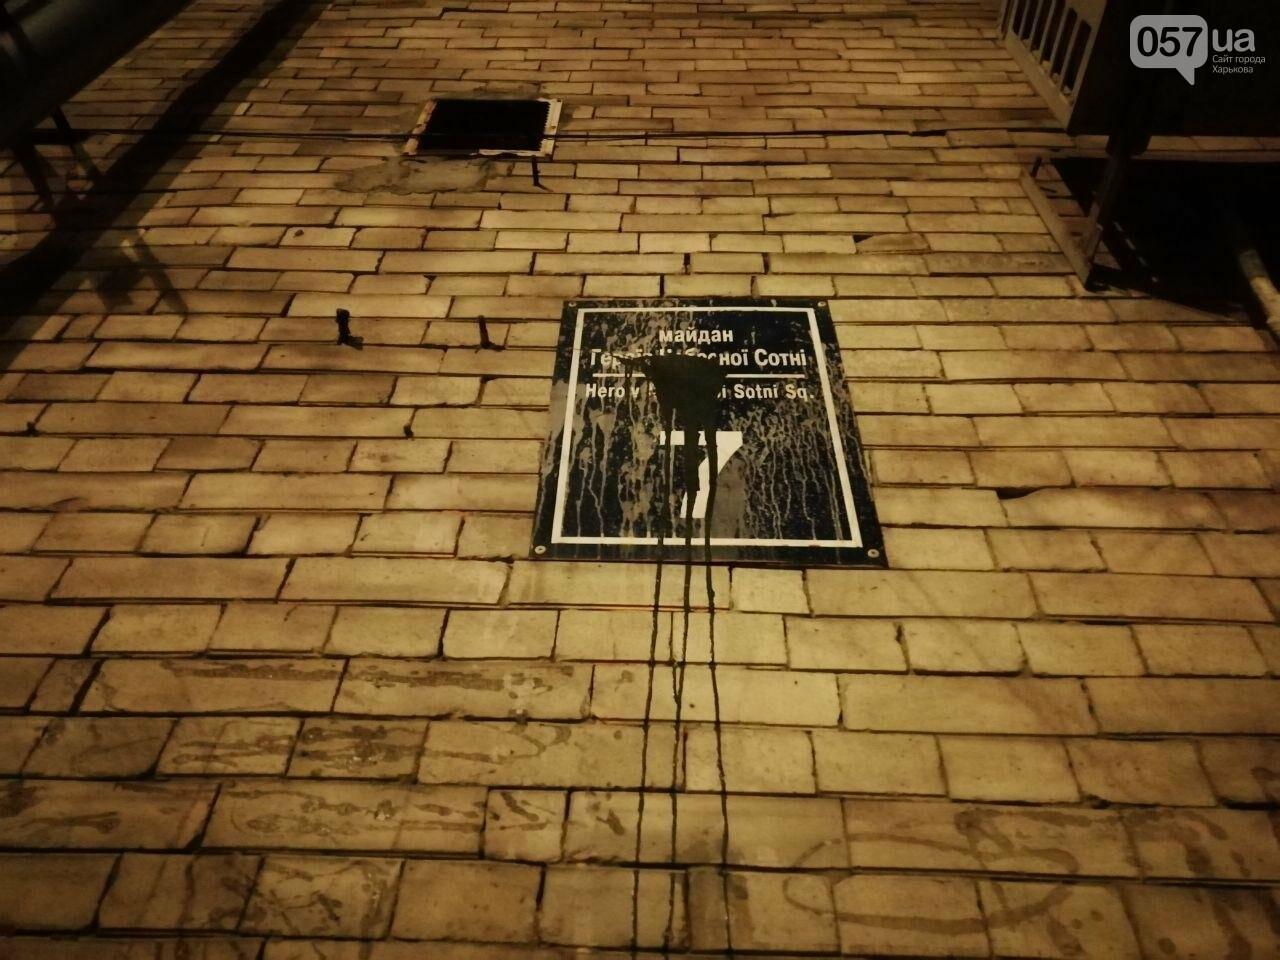 В Харькове облили краской адресные таблички на площади Героев Небесной Сотни, - ФОТО, фото-2